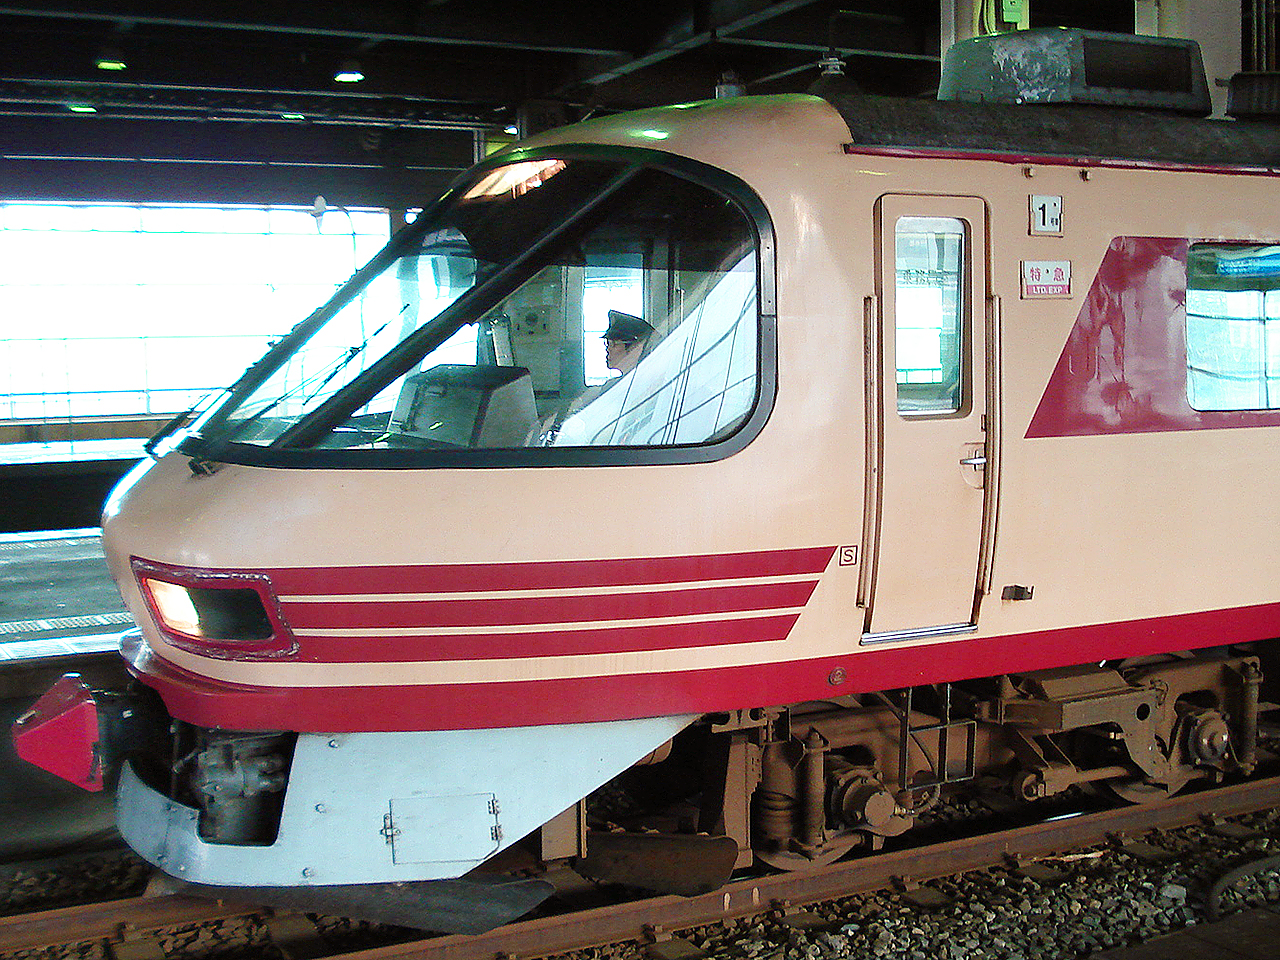 http://moritetsu.info/train/img/kuha4812005DSC02359sssss.jpg